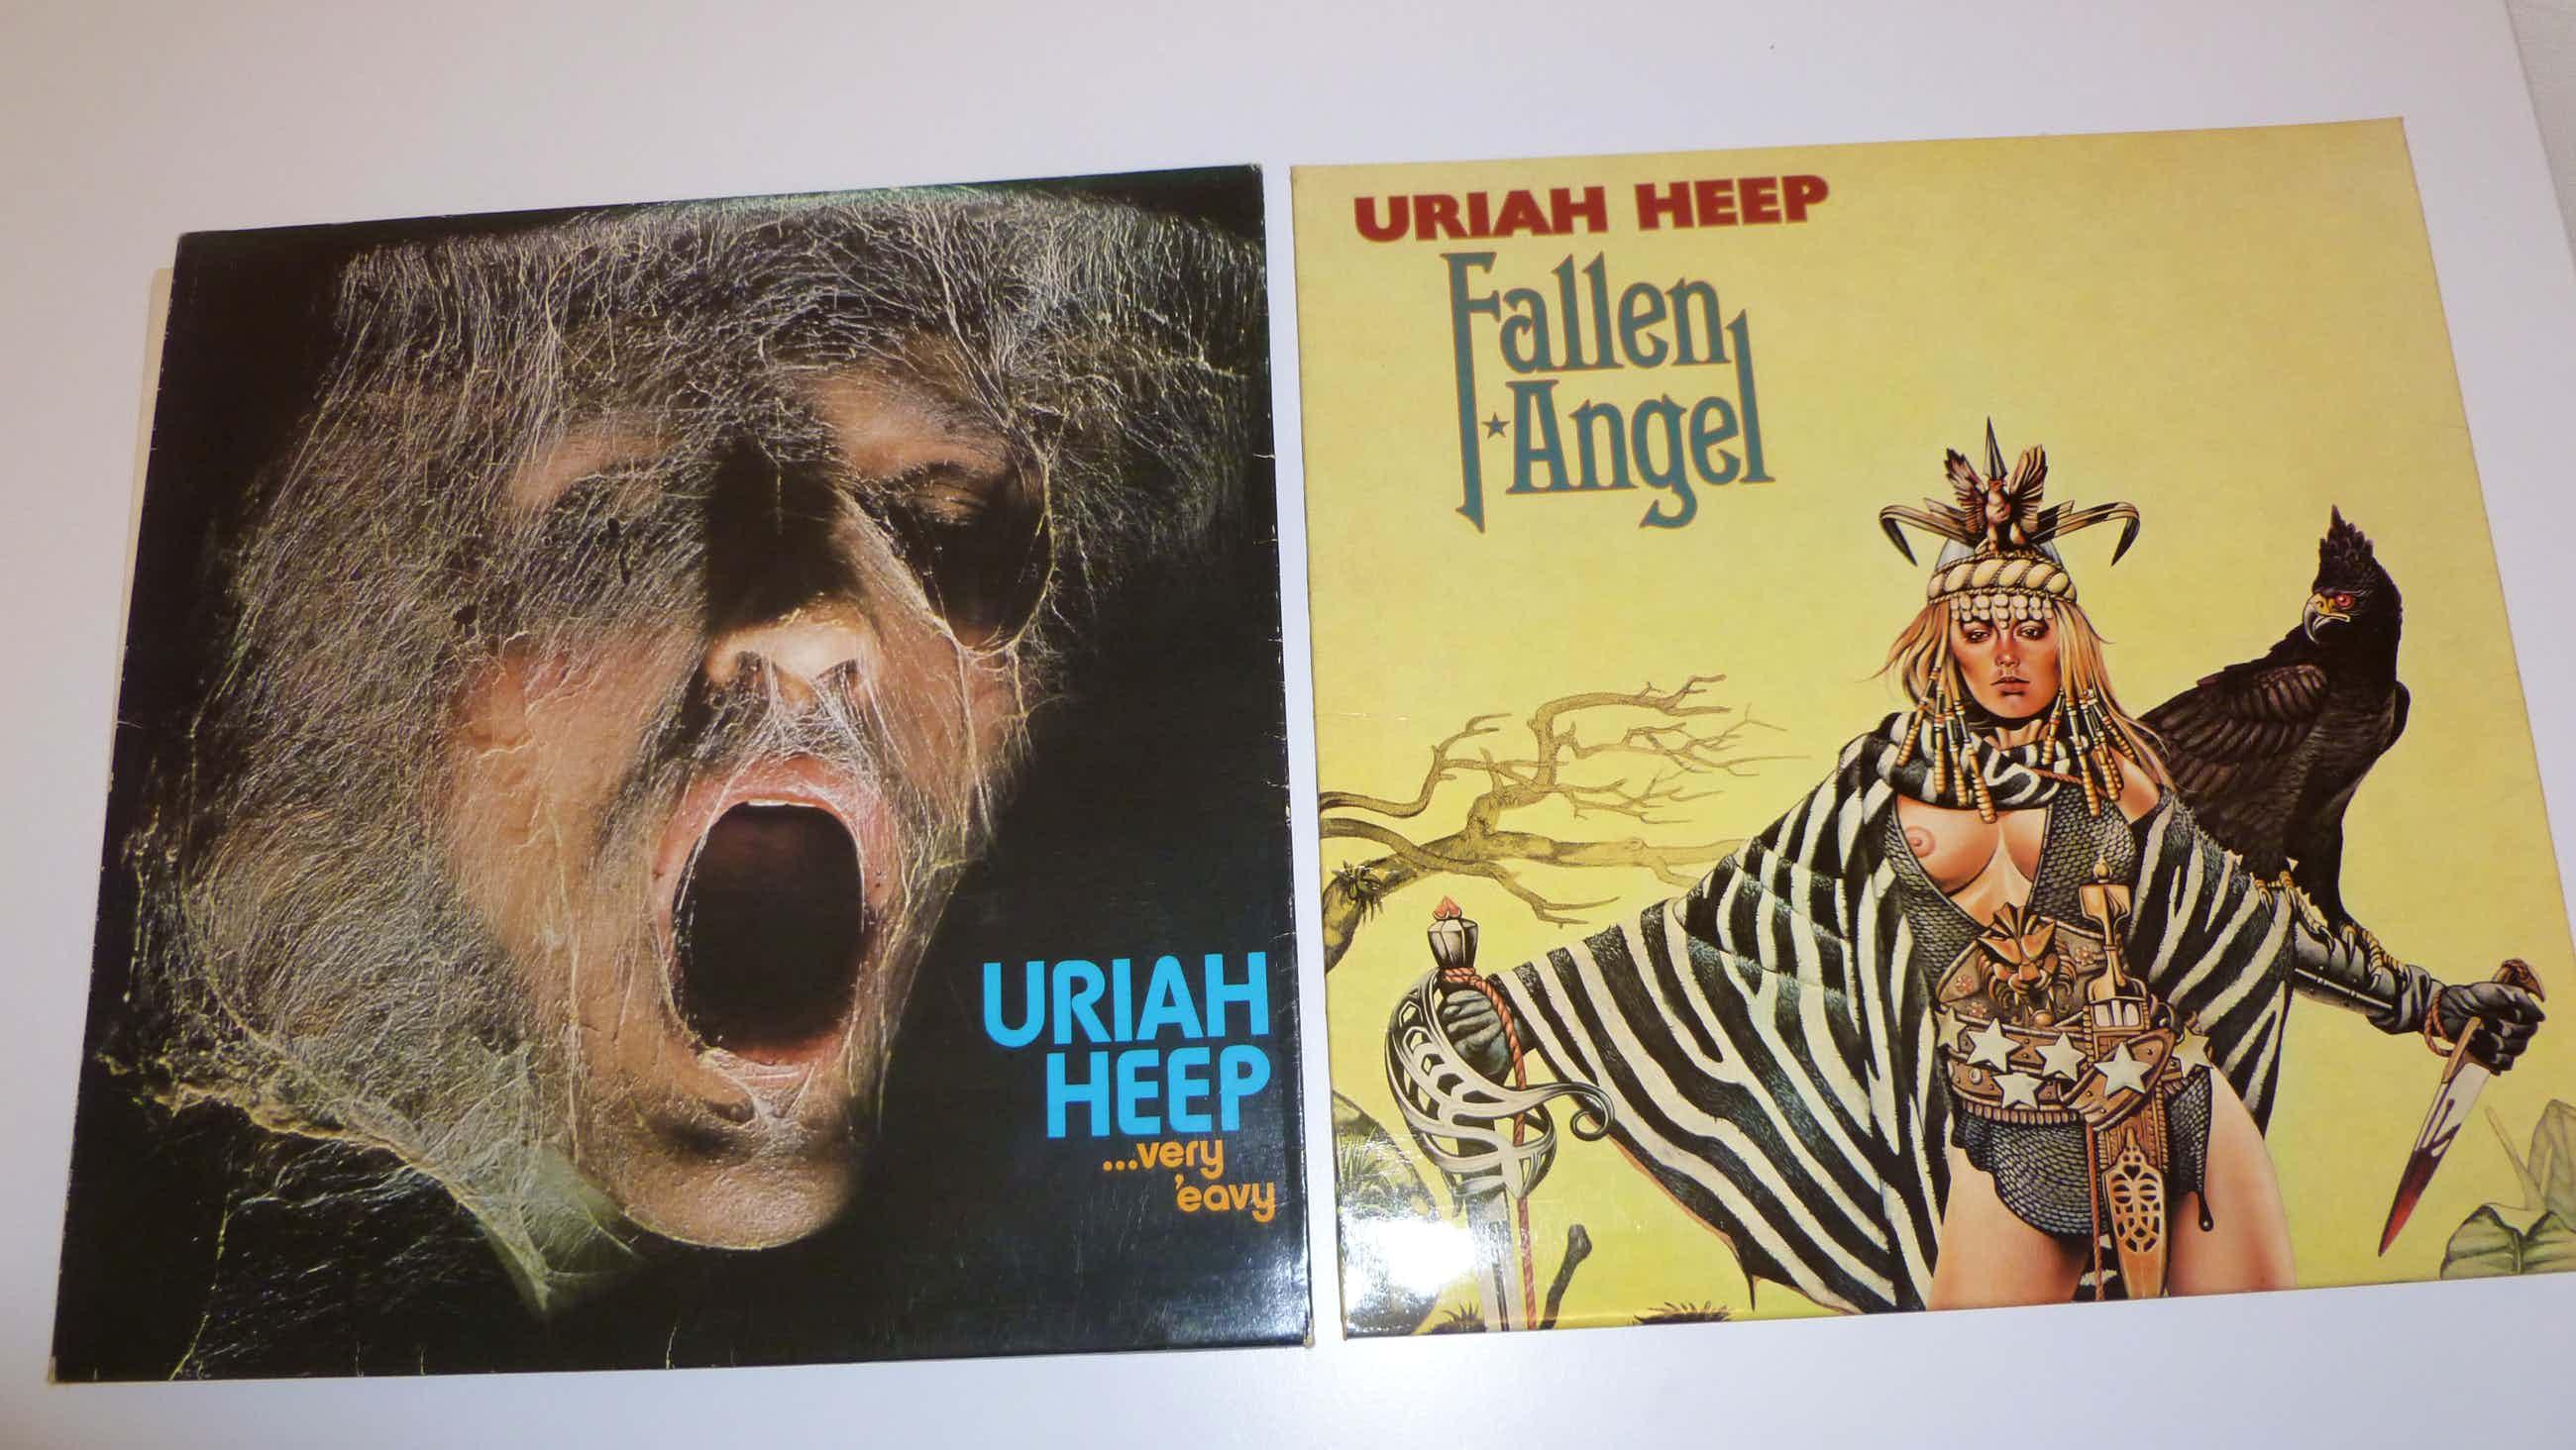 Uriah Heep - 2 Albums - Fallen angel - Very 'eavy kopen? Bied vanaf 40!